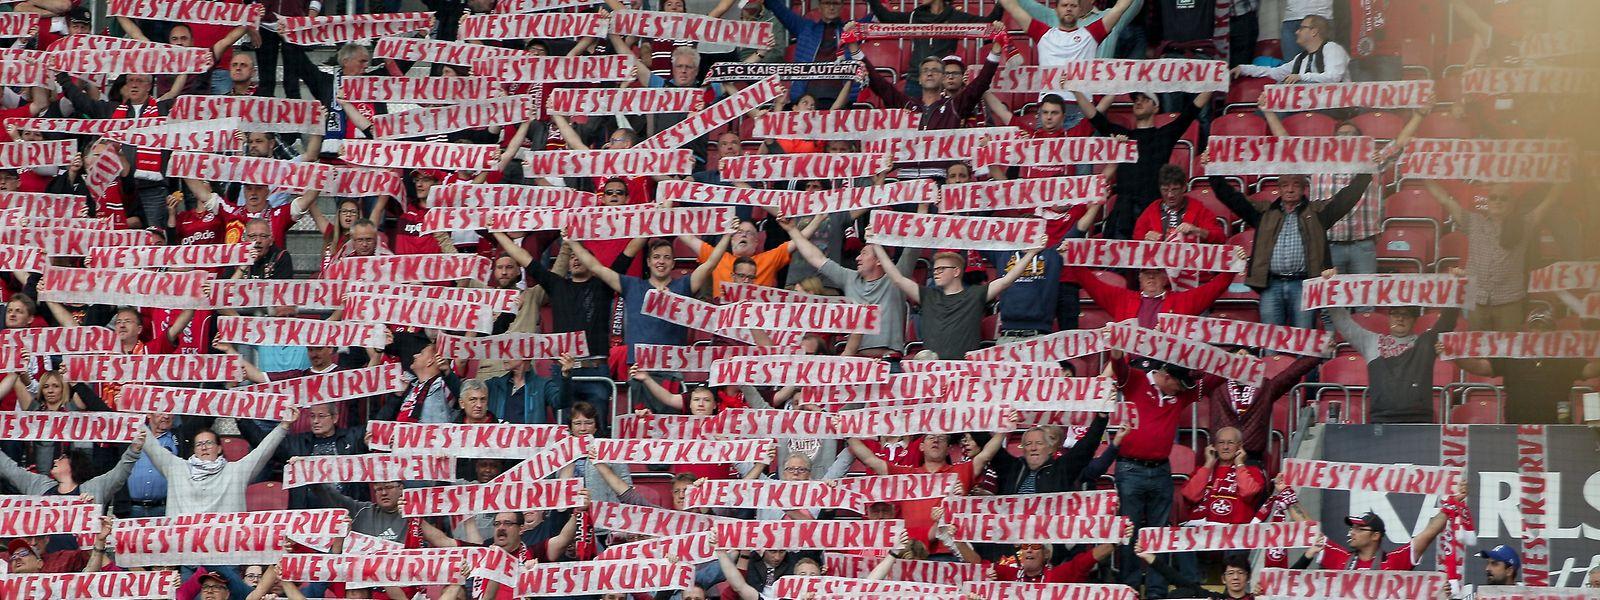 Wie ein Mann? In der Fankurve vielleicht... Hinter den Kulissen des 1. FC Kaiserslautern rumort es gewaltig